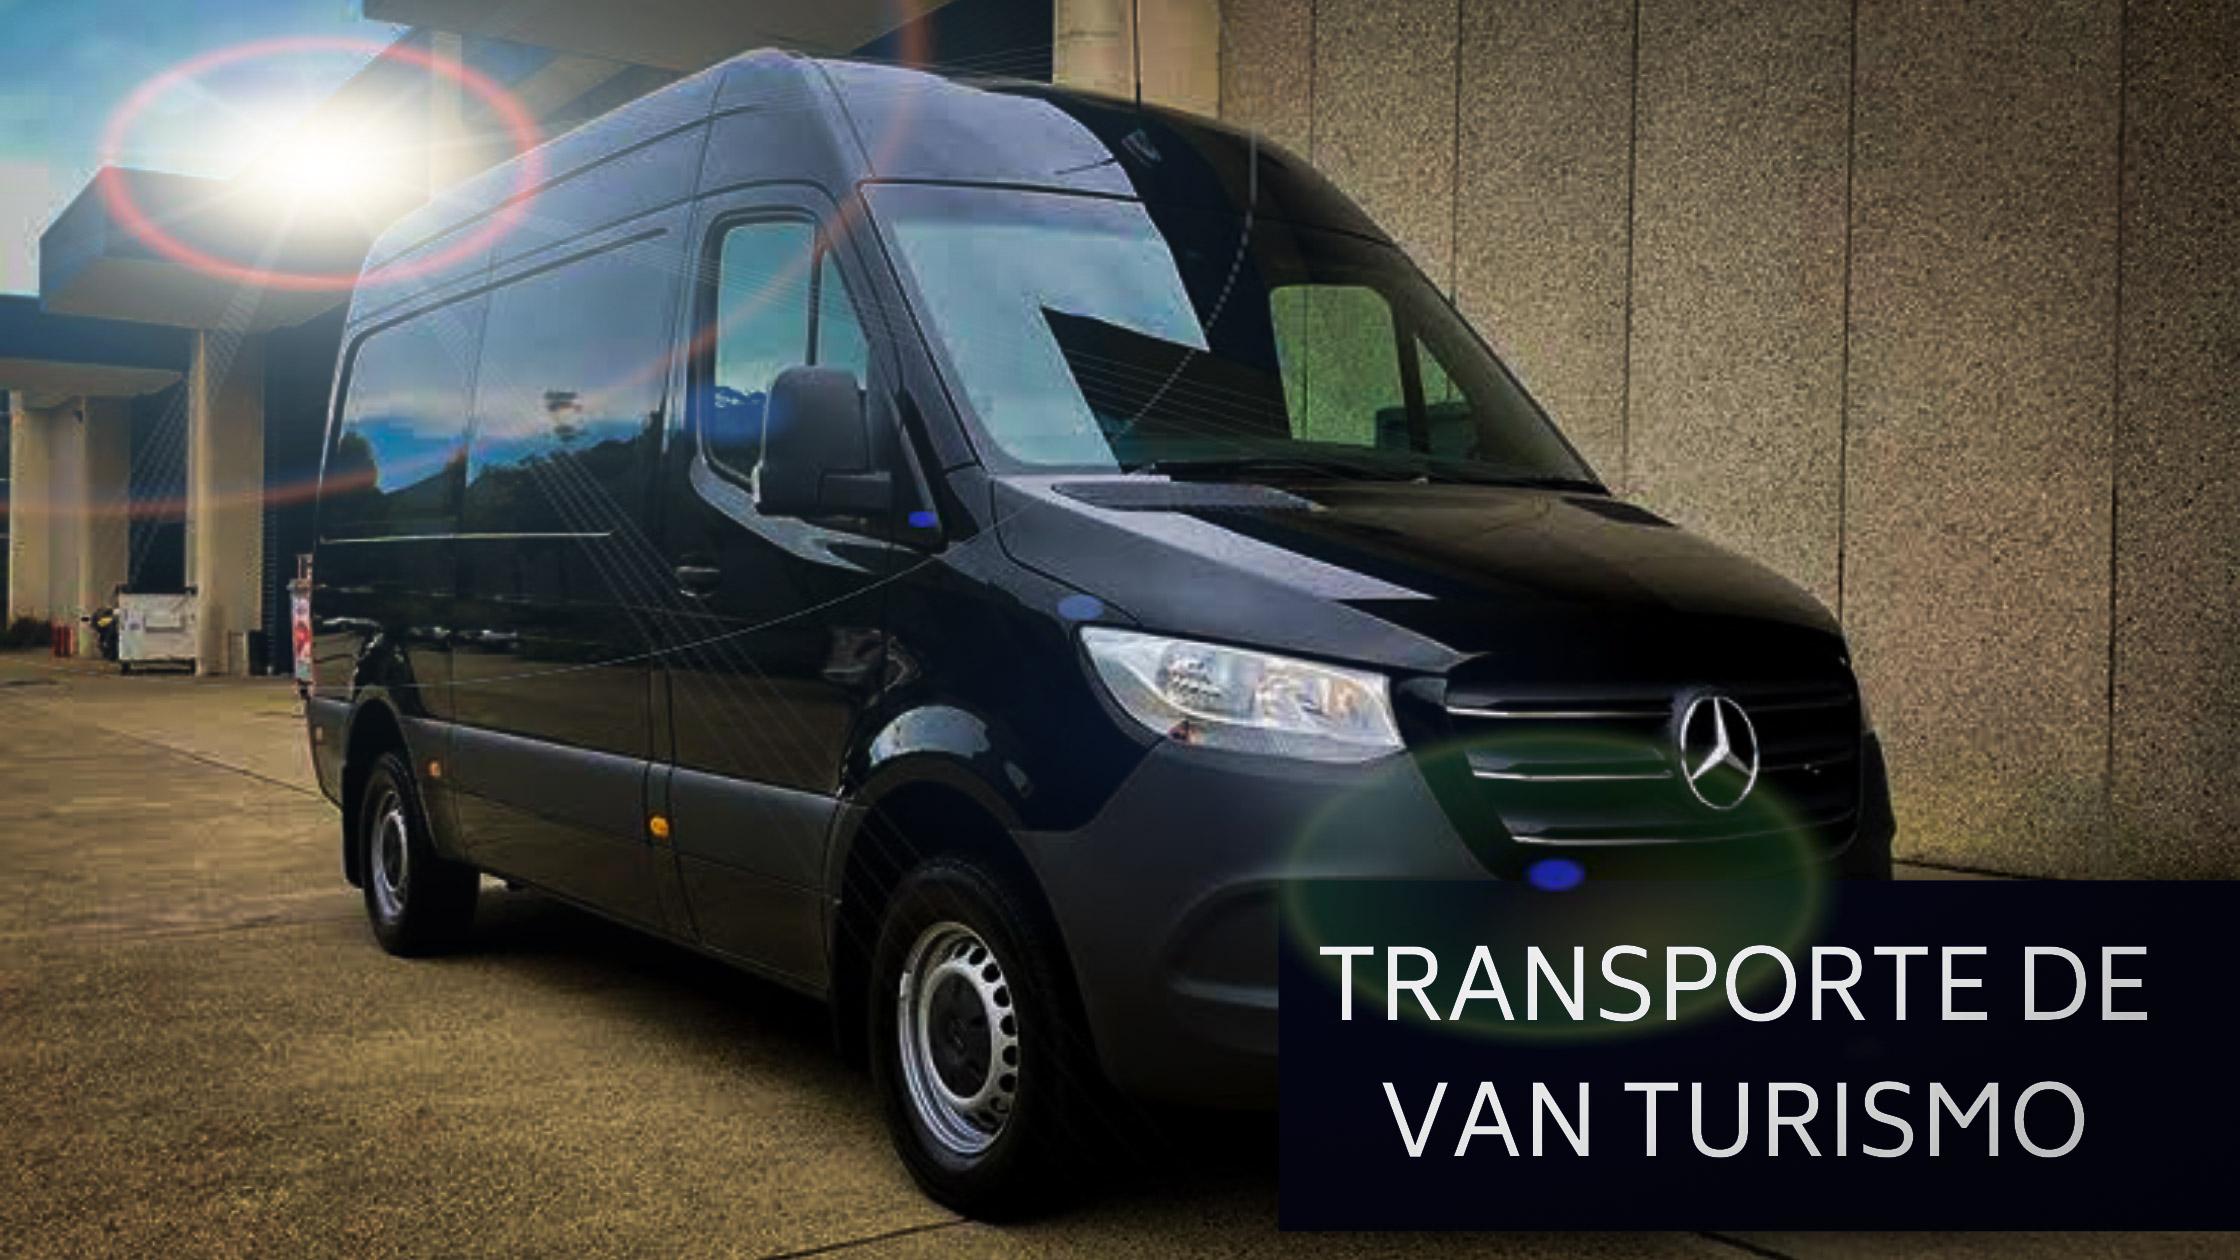 transporte-de-van-turismo